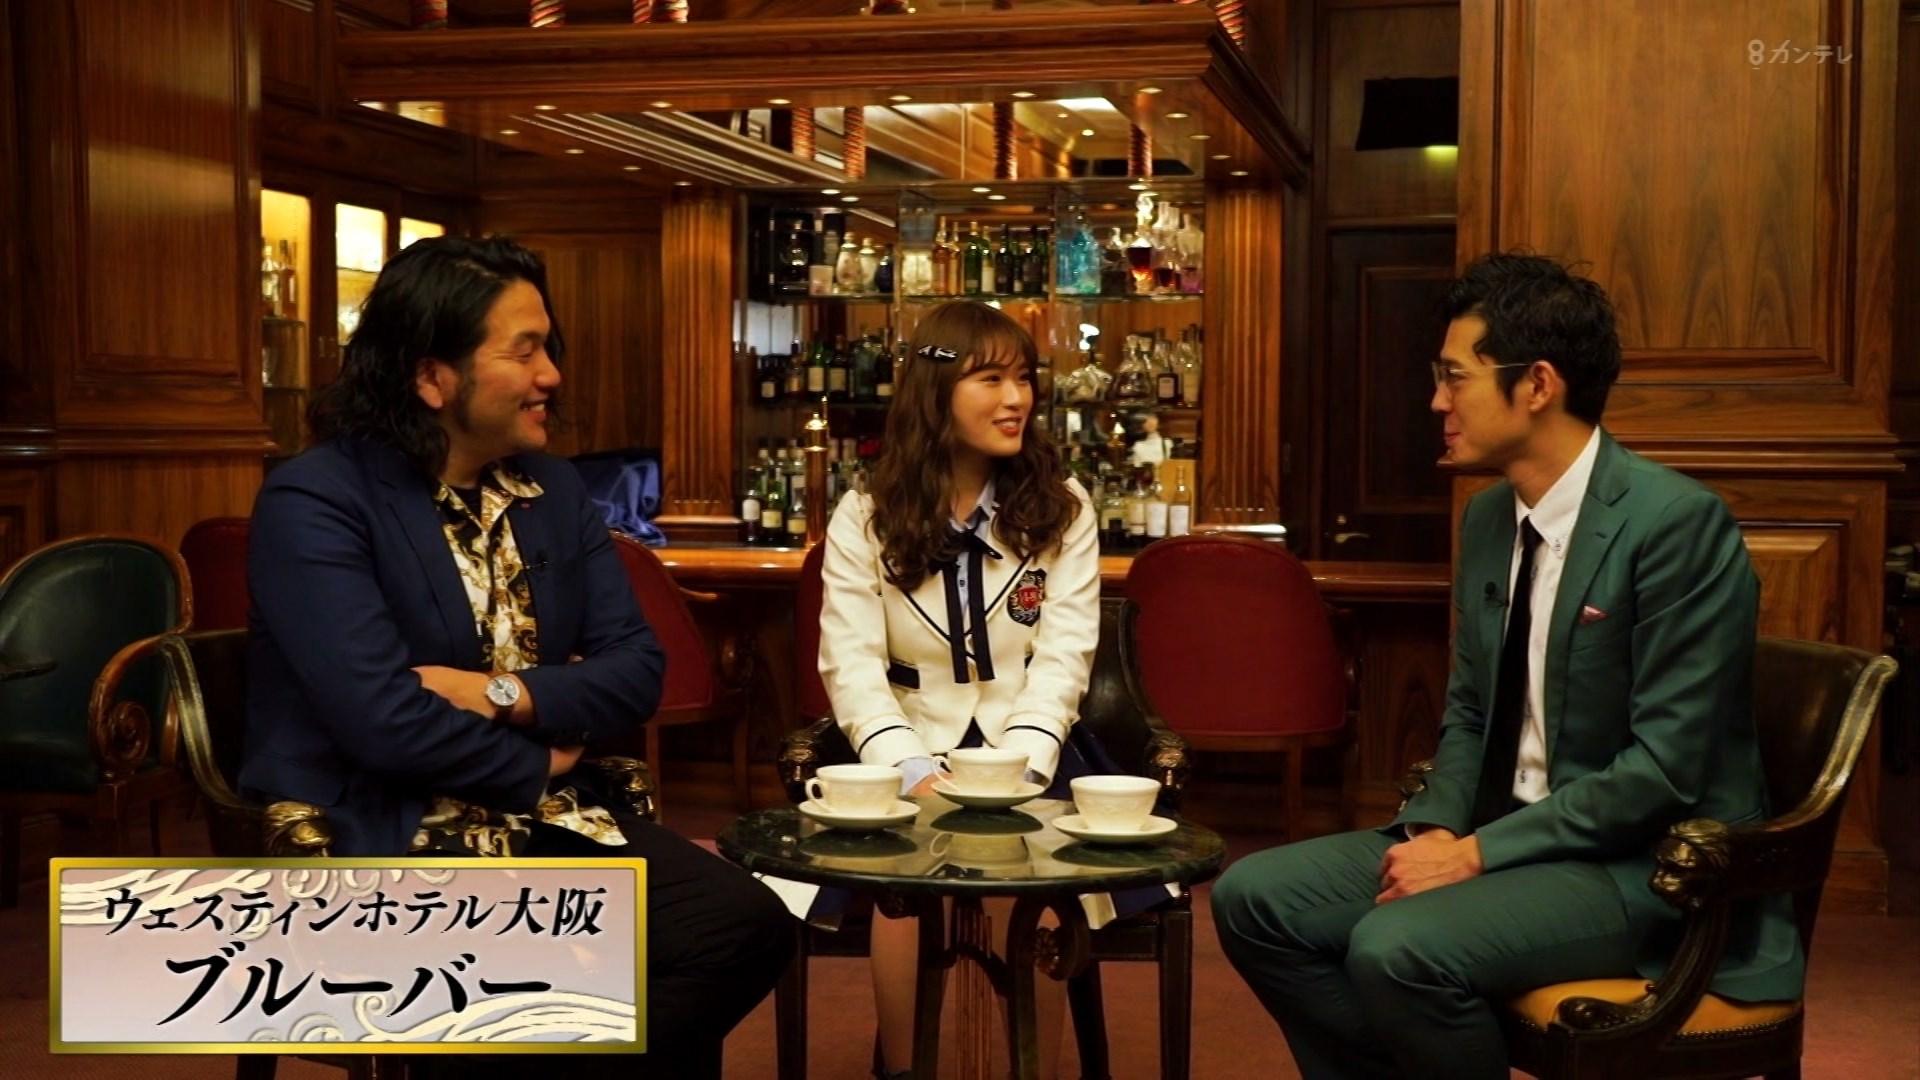 【渋谷凪咲】なぎさが出演した1月6日放送「ほっとするわ」の画像